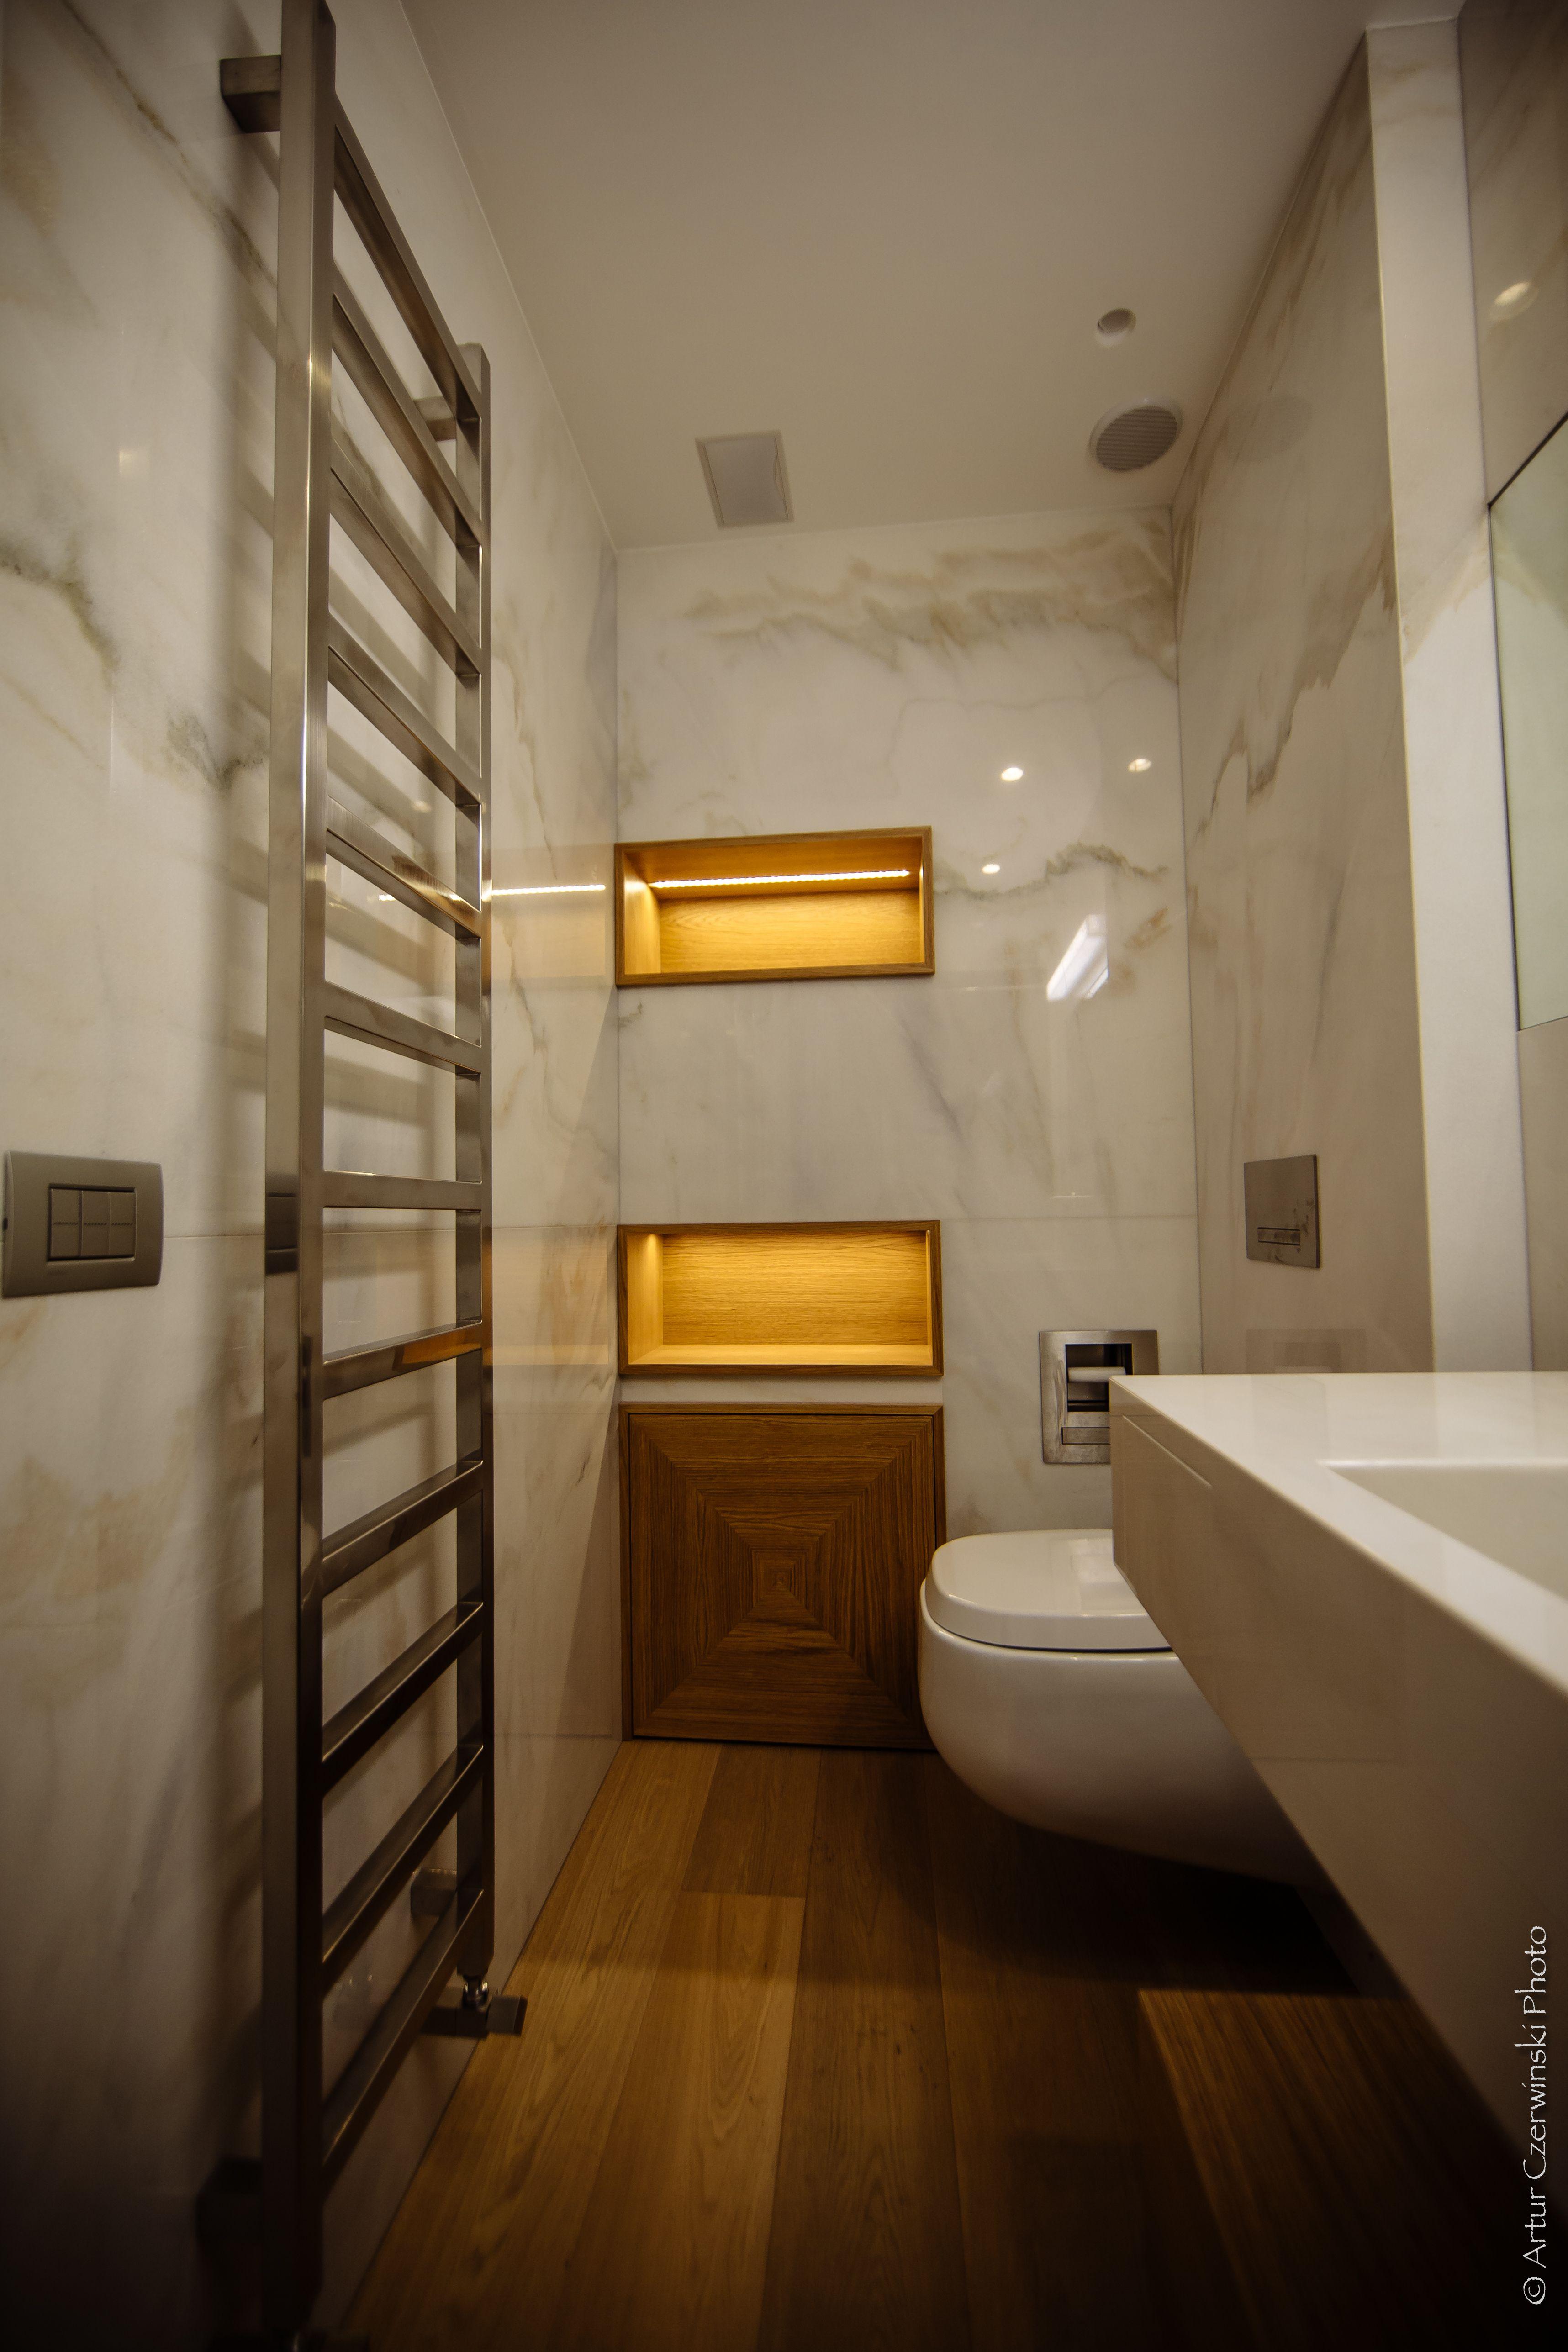 Bagno, marmo, falegnameria, illuminazione, dettaglio, casa